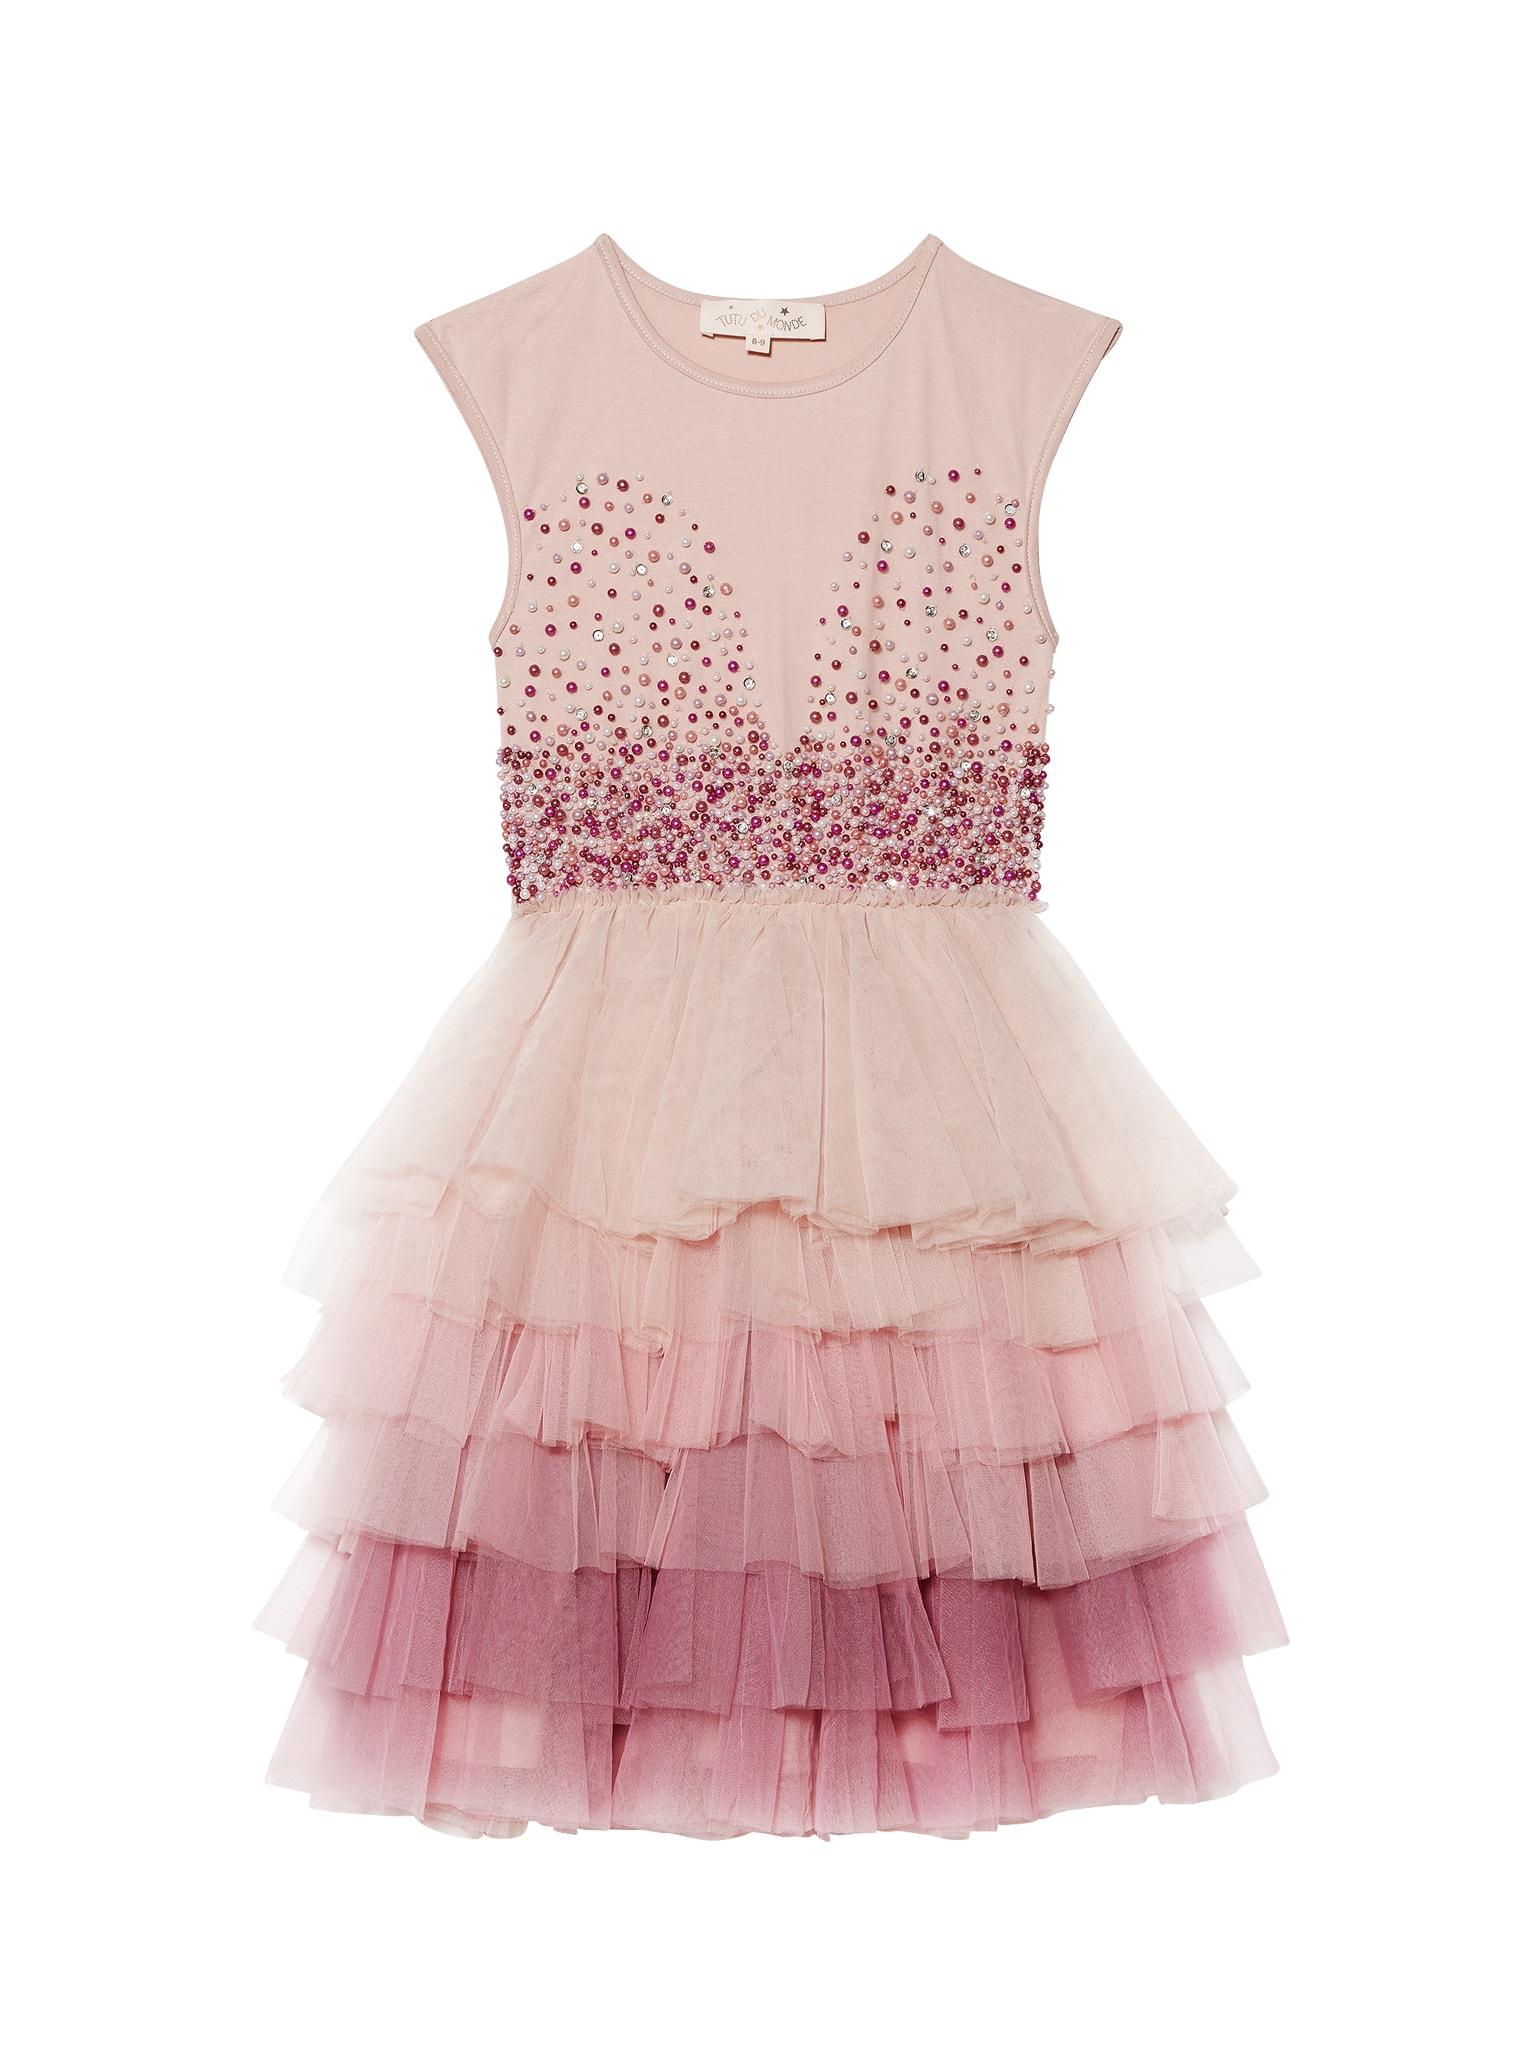 Tdm4303 moment to shine tutu dress 01 min